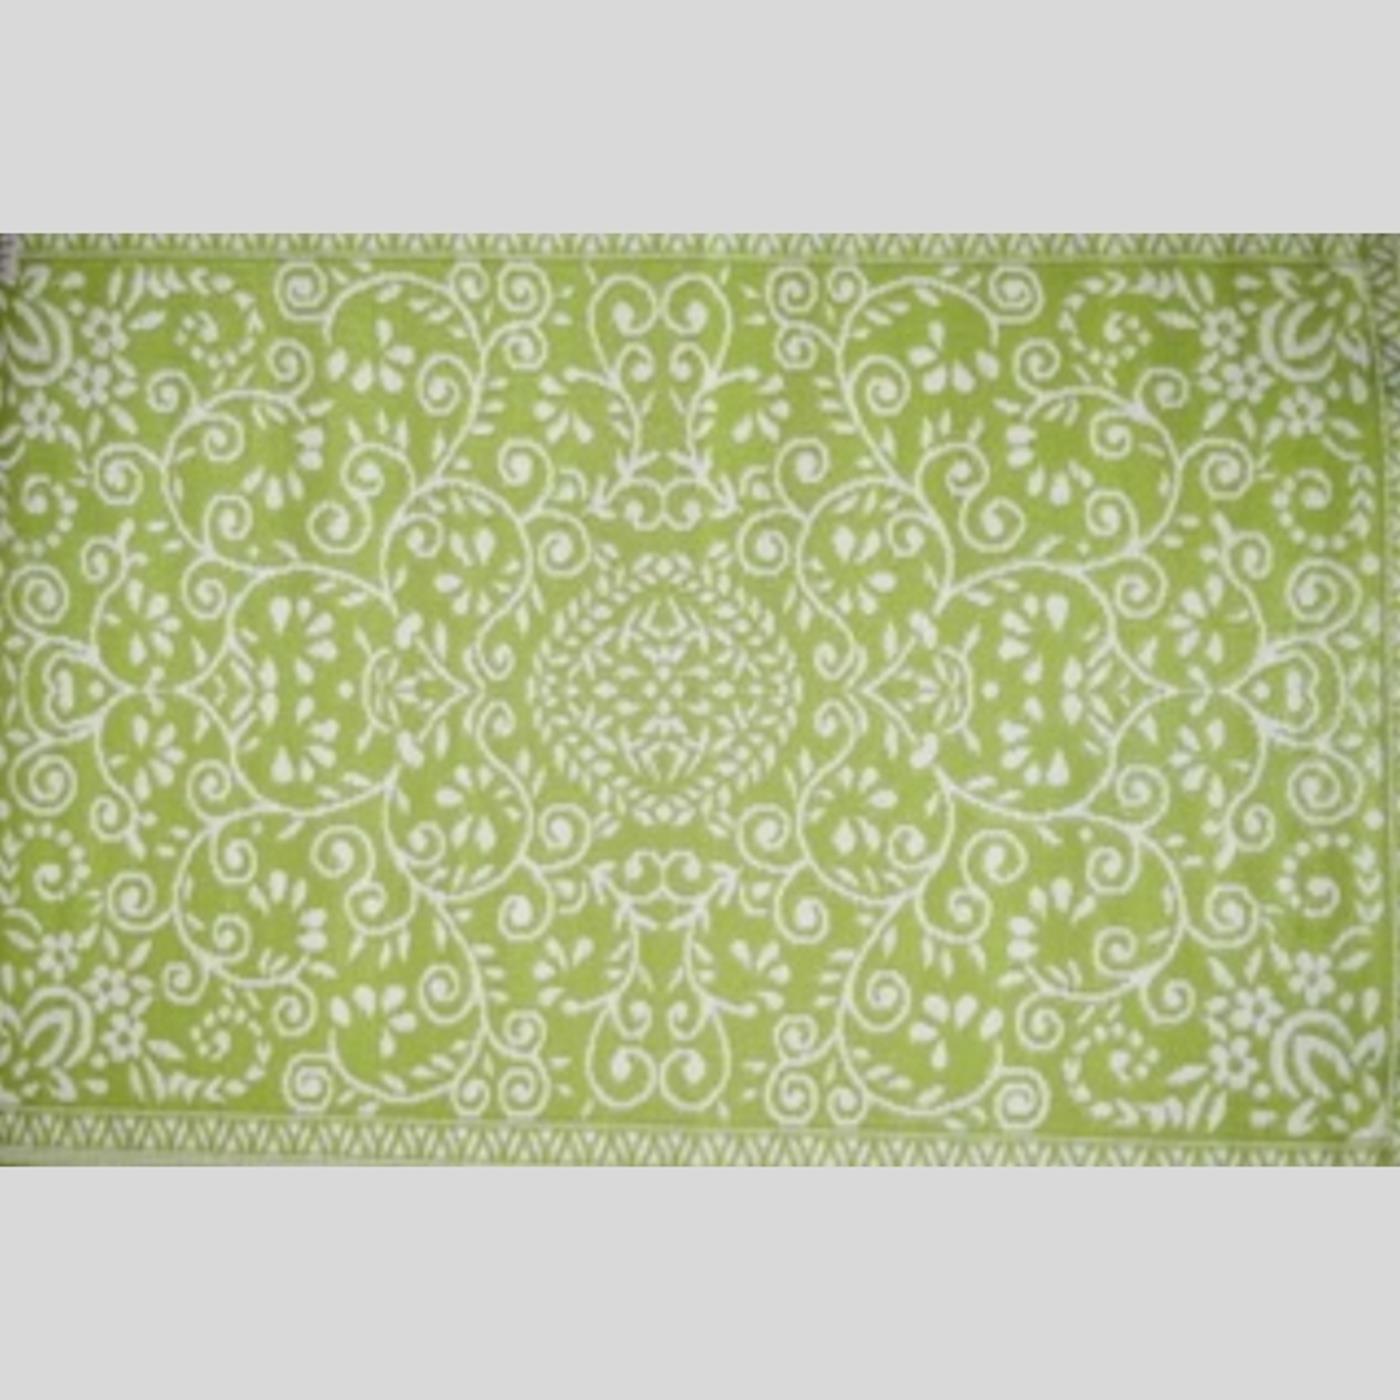 outdoor teppich gr n 90 cm x 180 cm. Black Bedroom Furniture Sets. Home Design Ideas